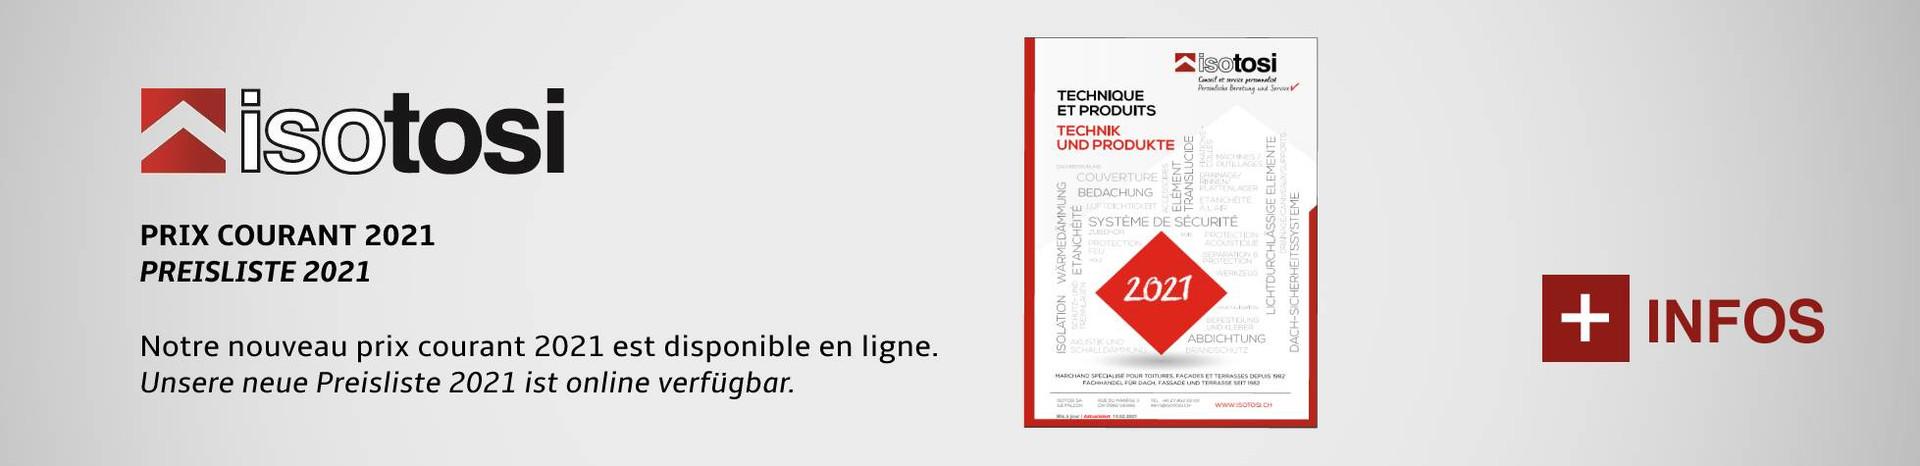 2103_base_photoshop_PUB - prix courant 2